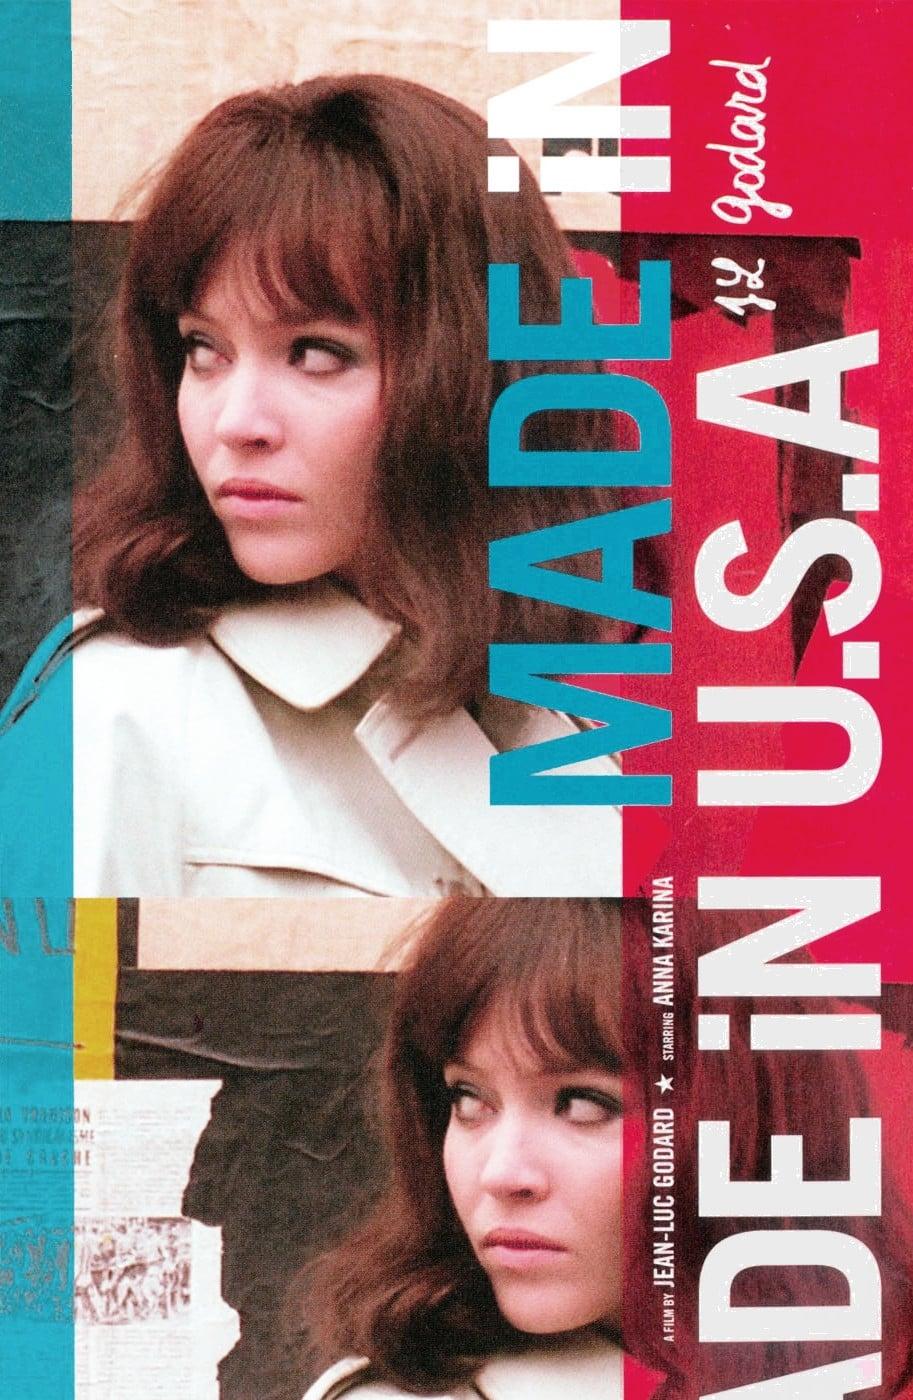 Made in U.S.A (1966)